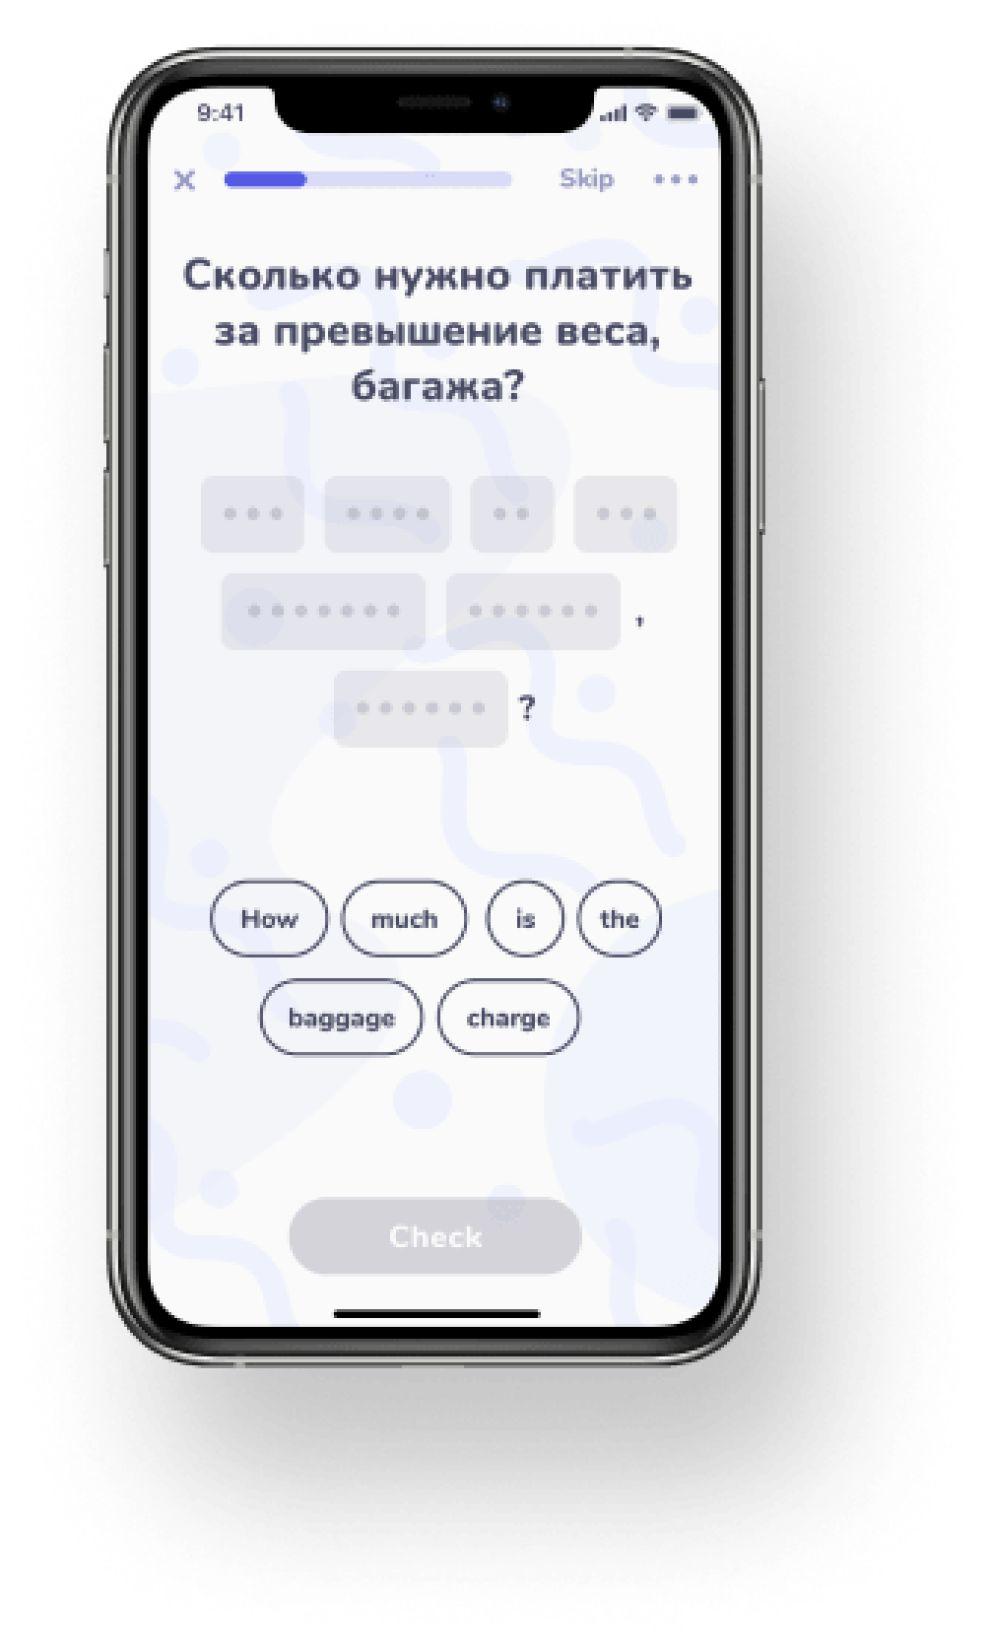 Akler app